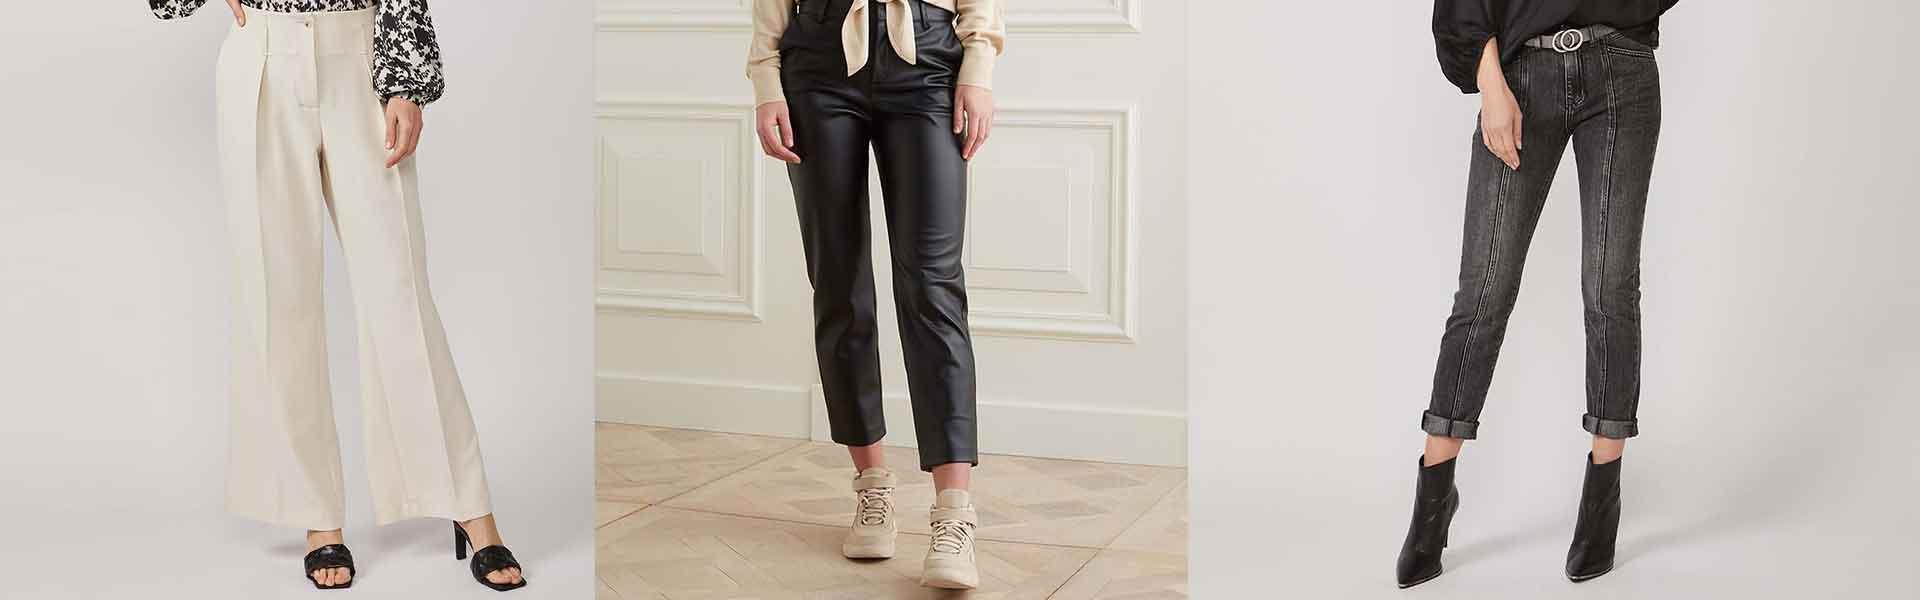 Dames kleding broeken